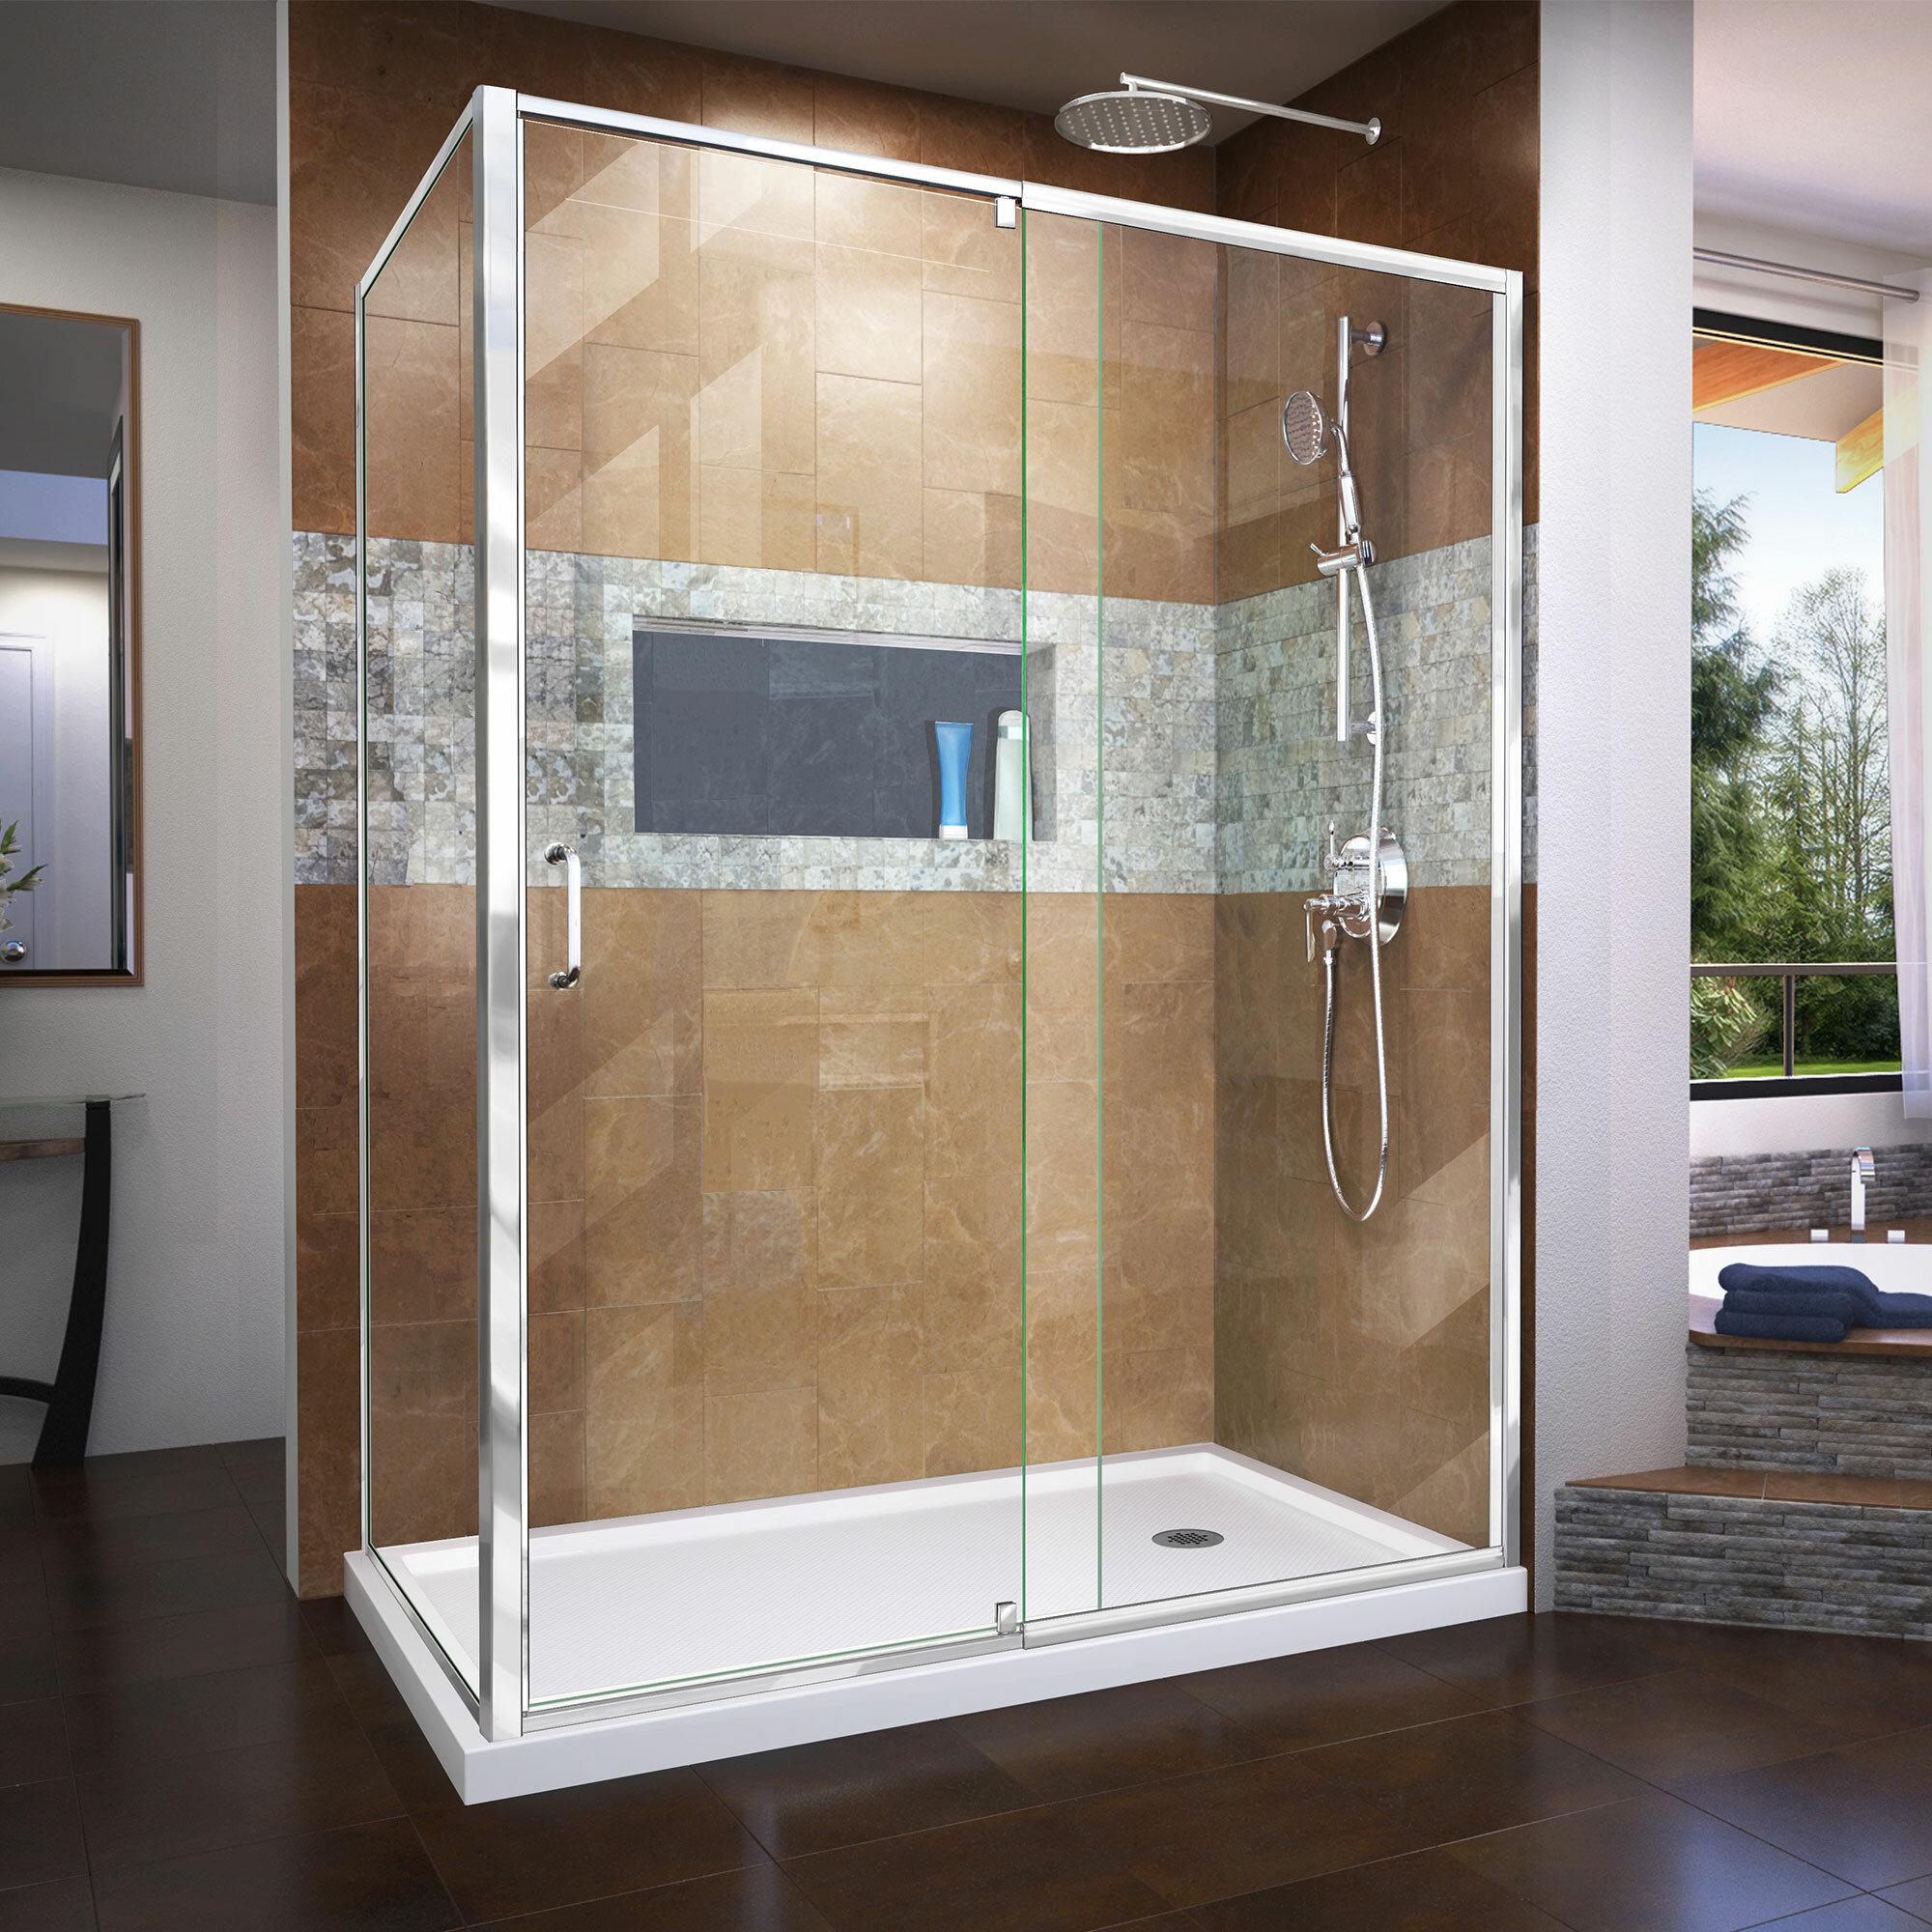 Dreamline Flex 34 5 X 72 Rectangle Pivot Shower Enclosure Wayfair